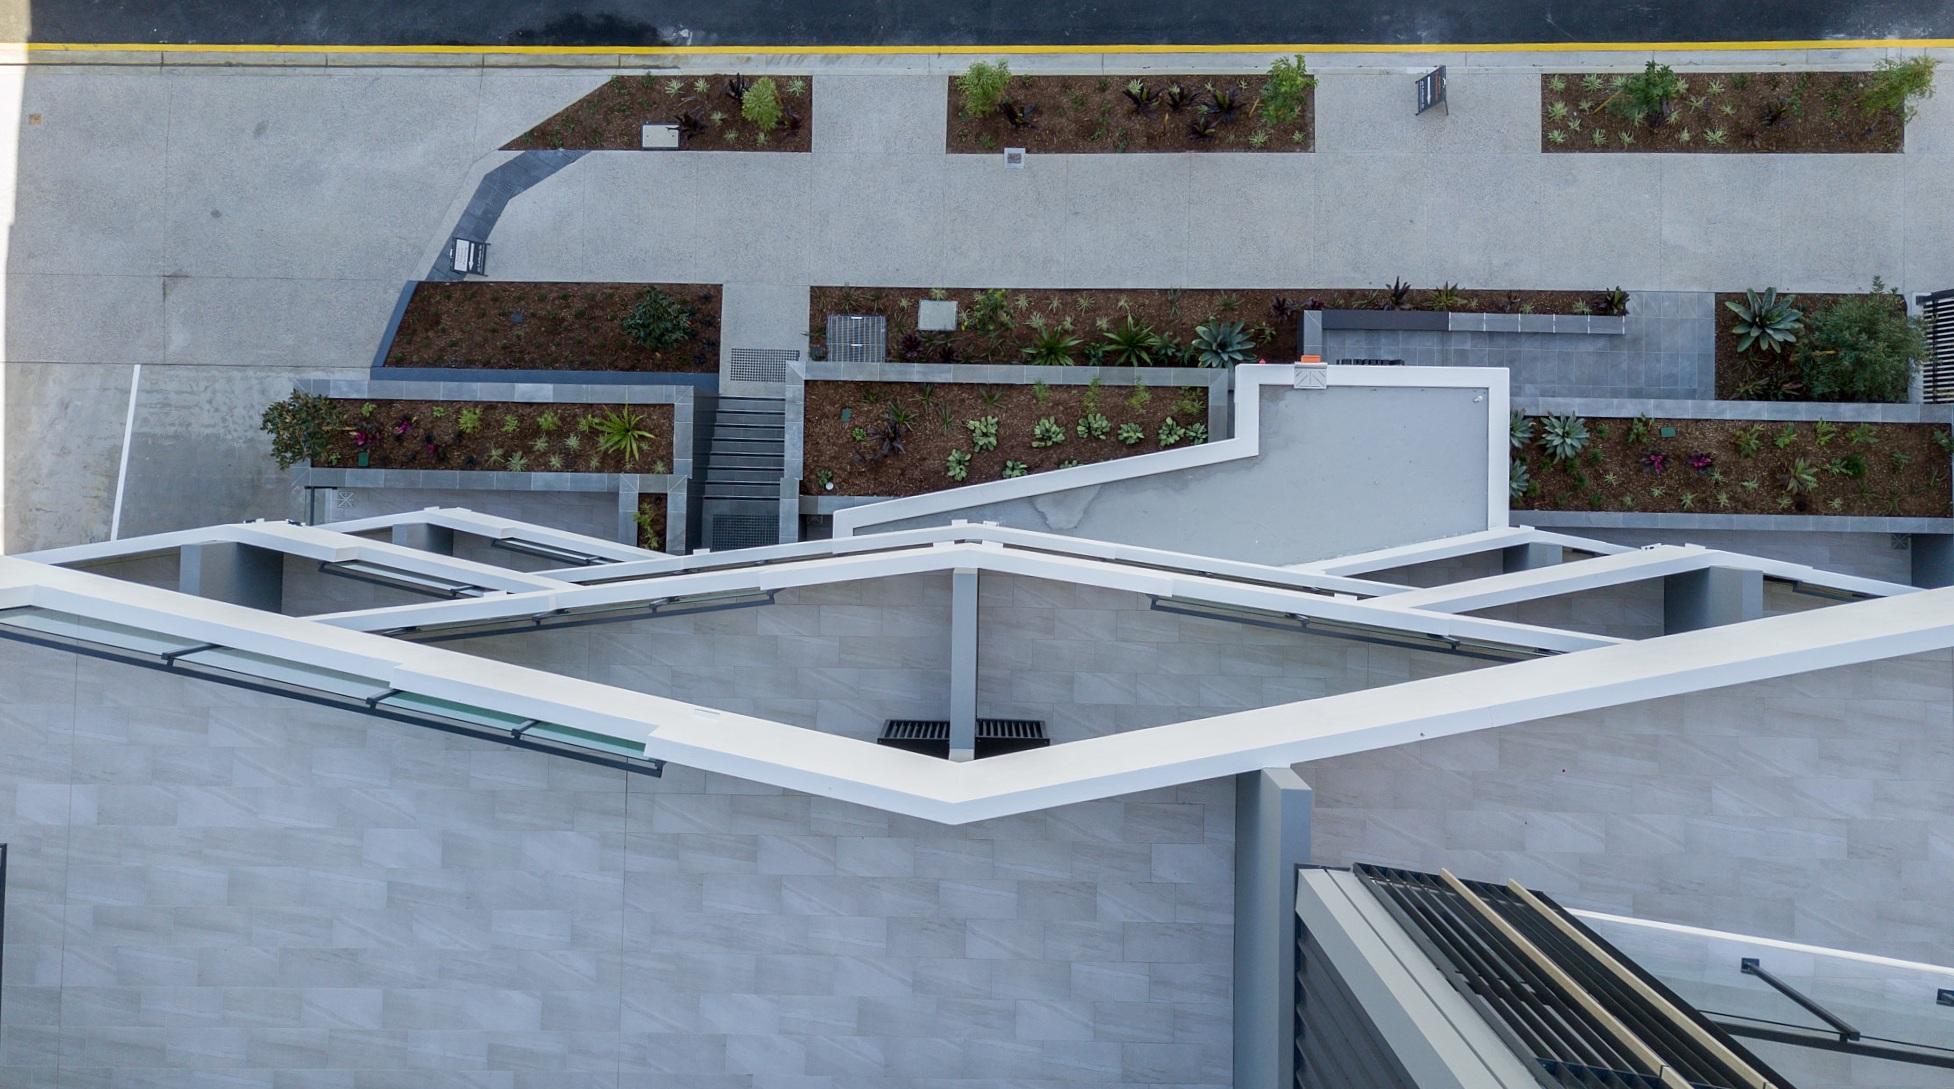 Aspire Chermside_Terrace Aerial